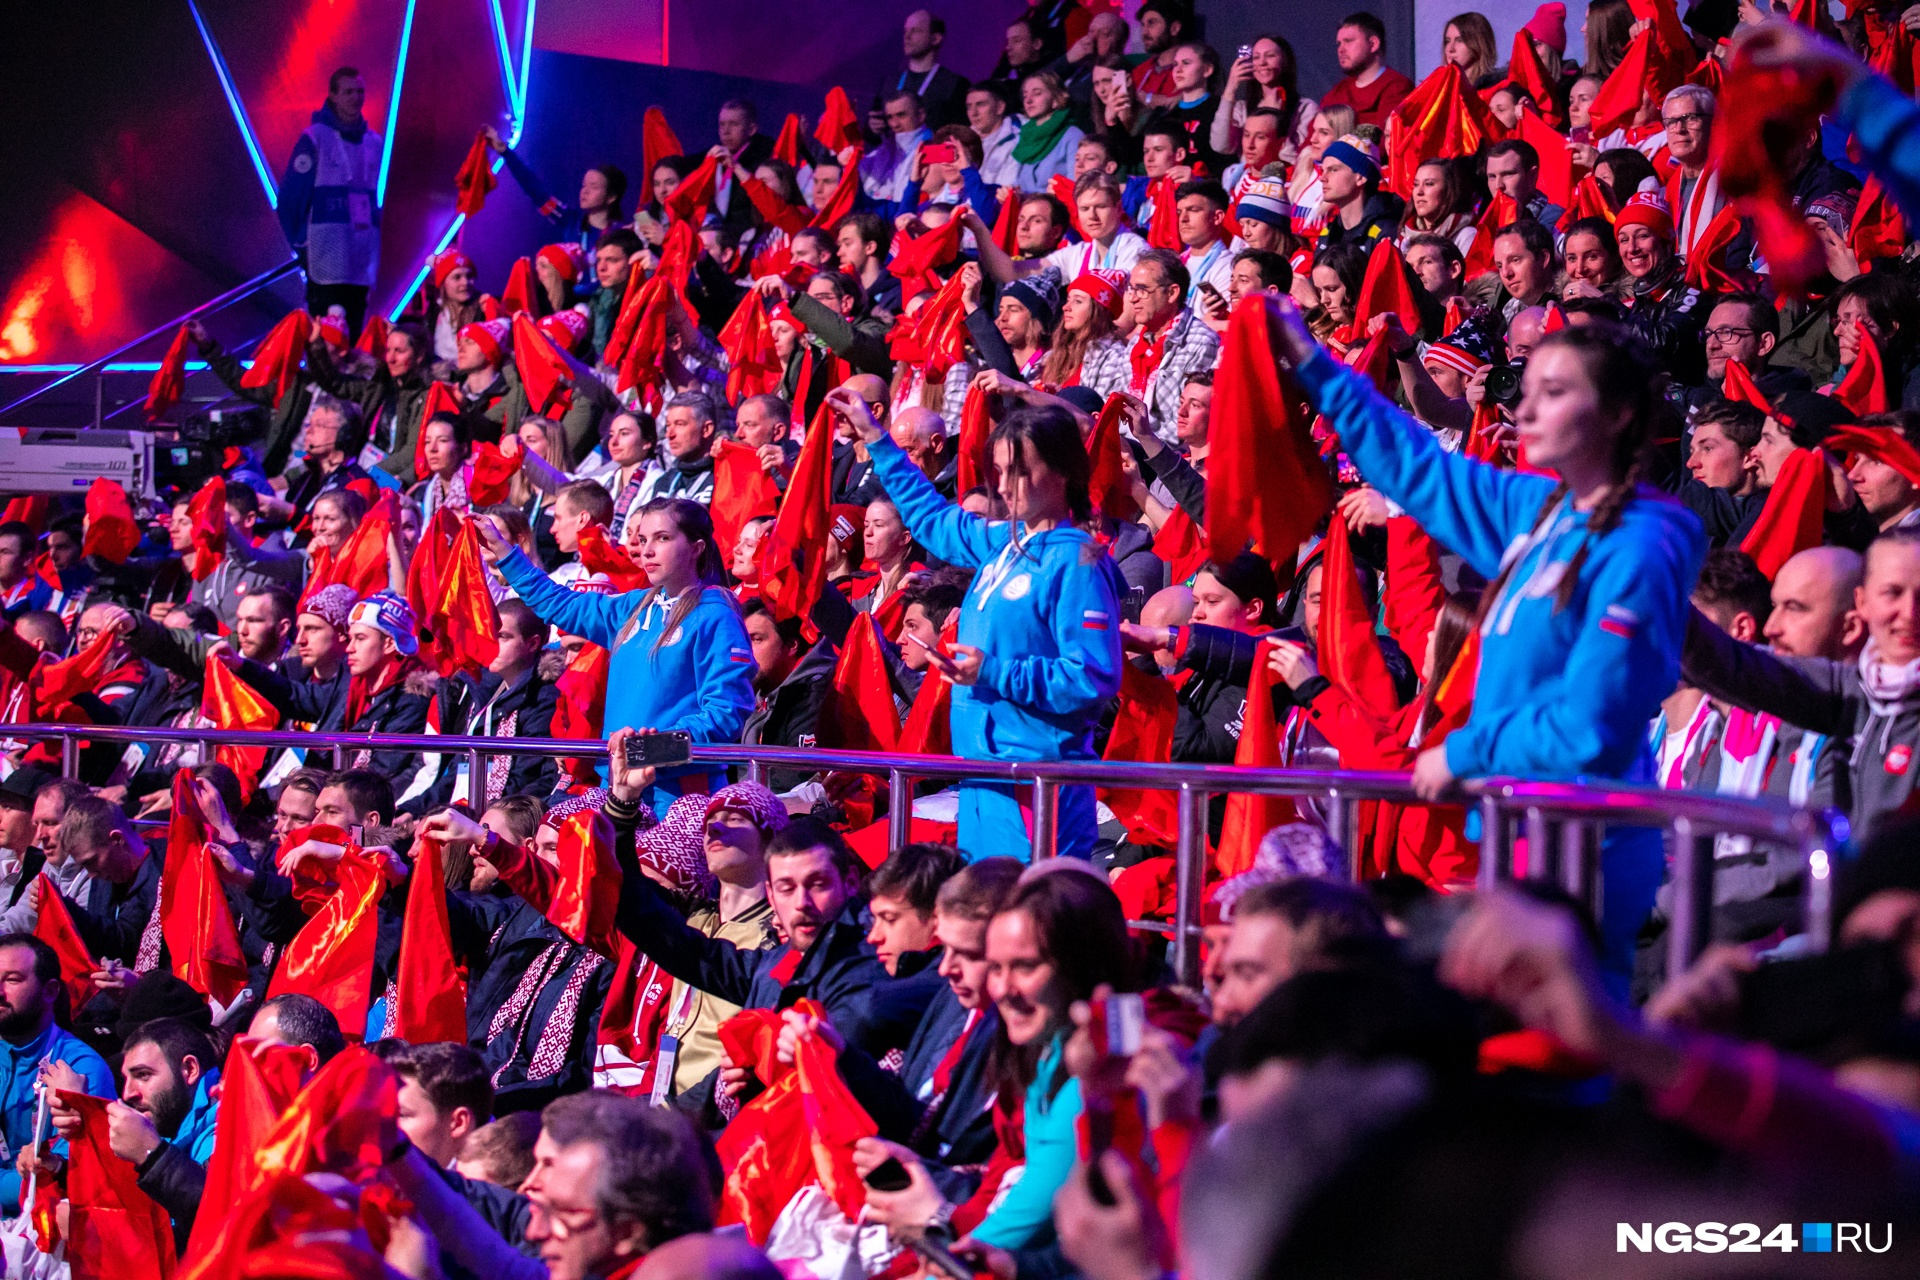 Волонтеры раздали даже зрителям красные платки